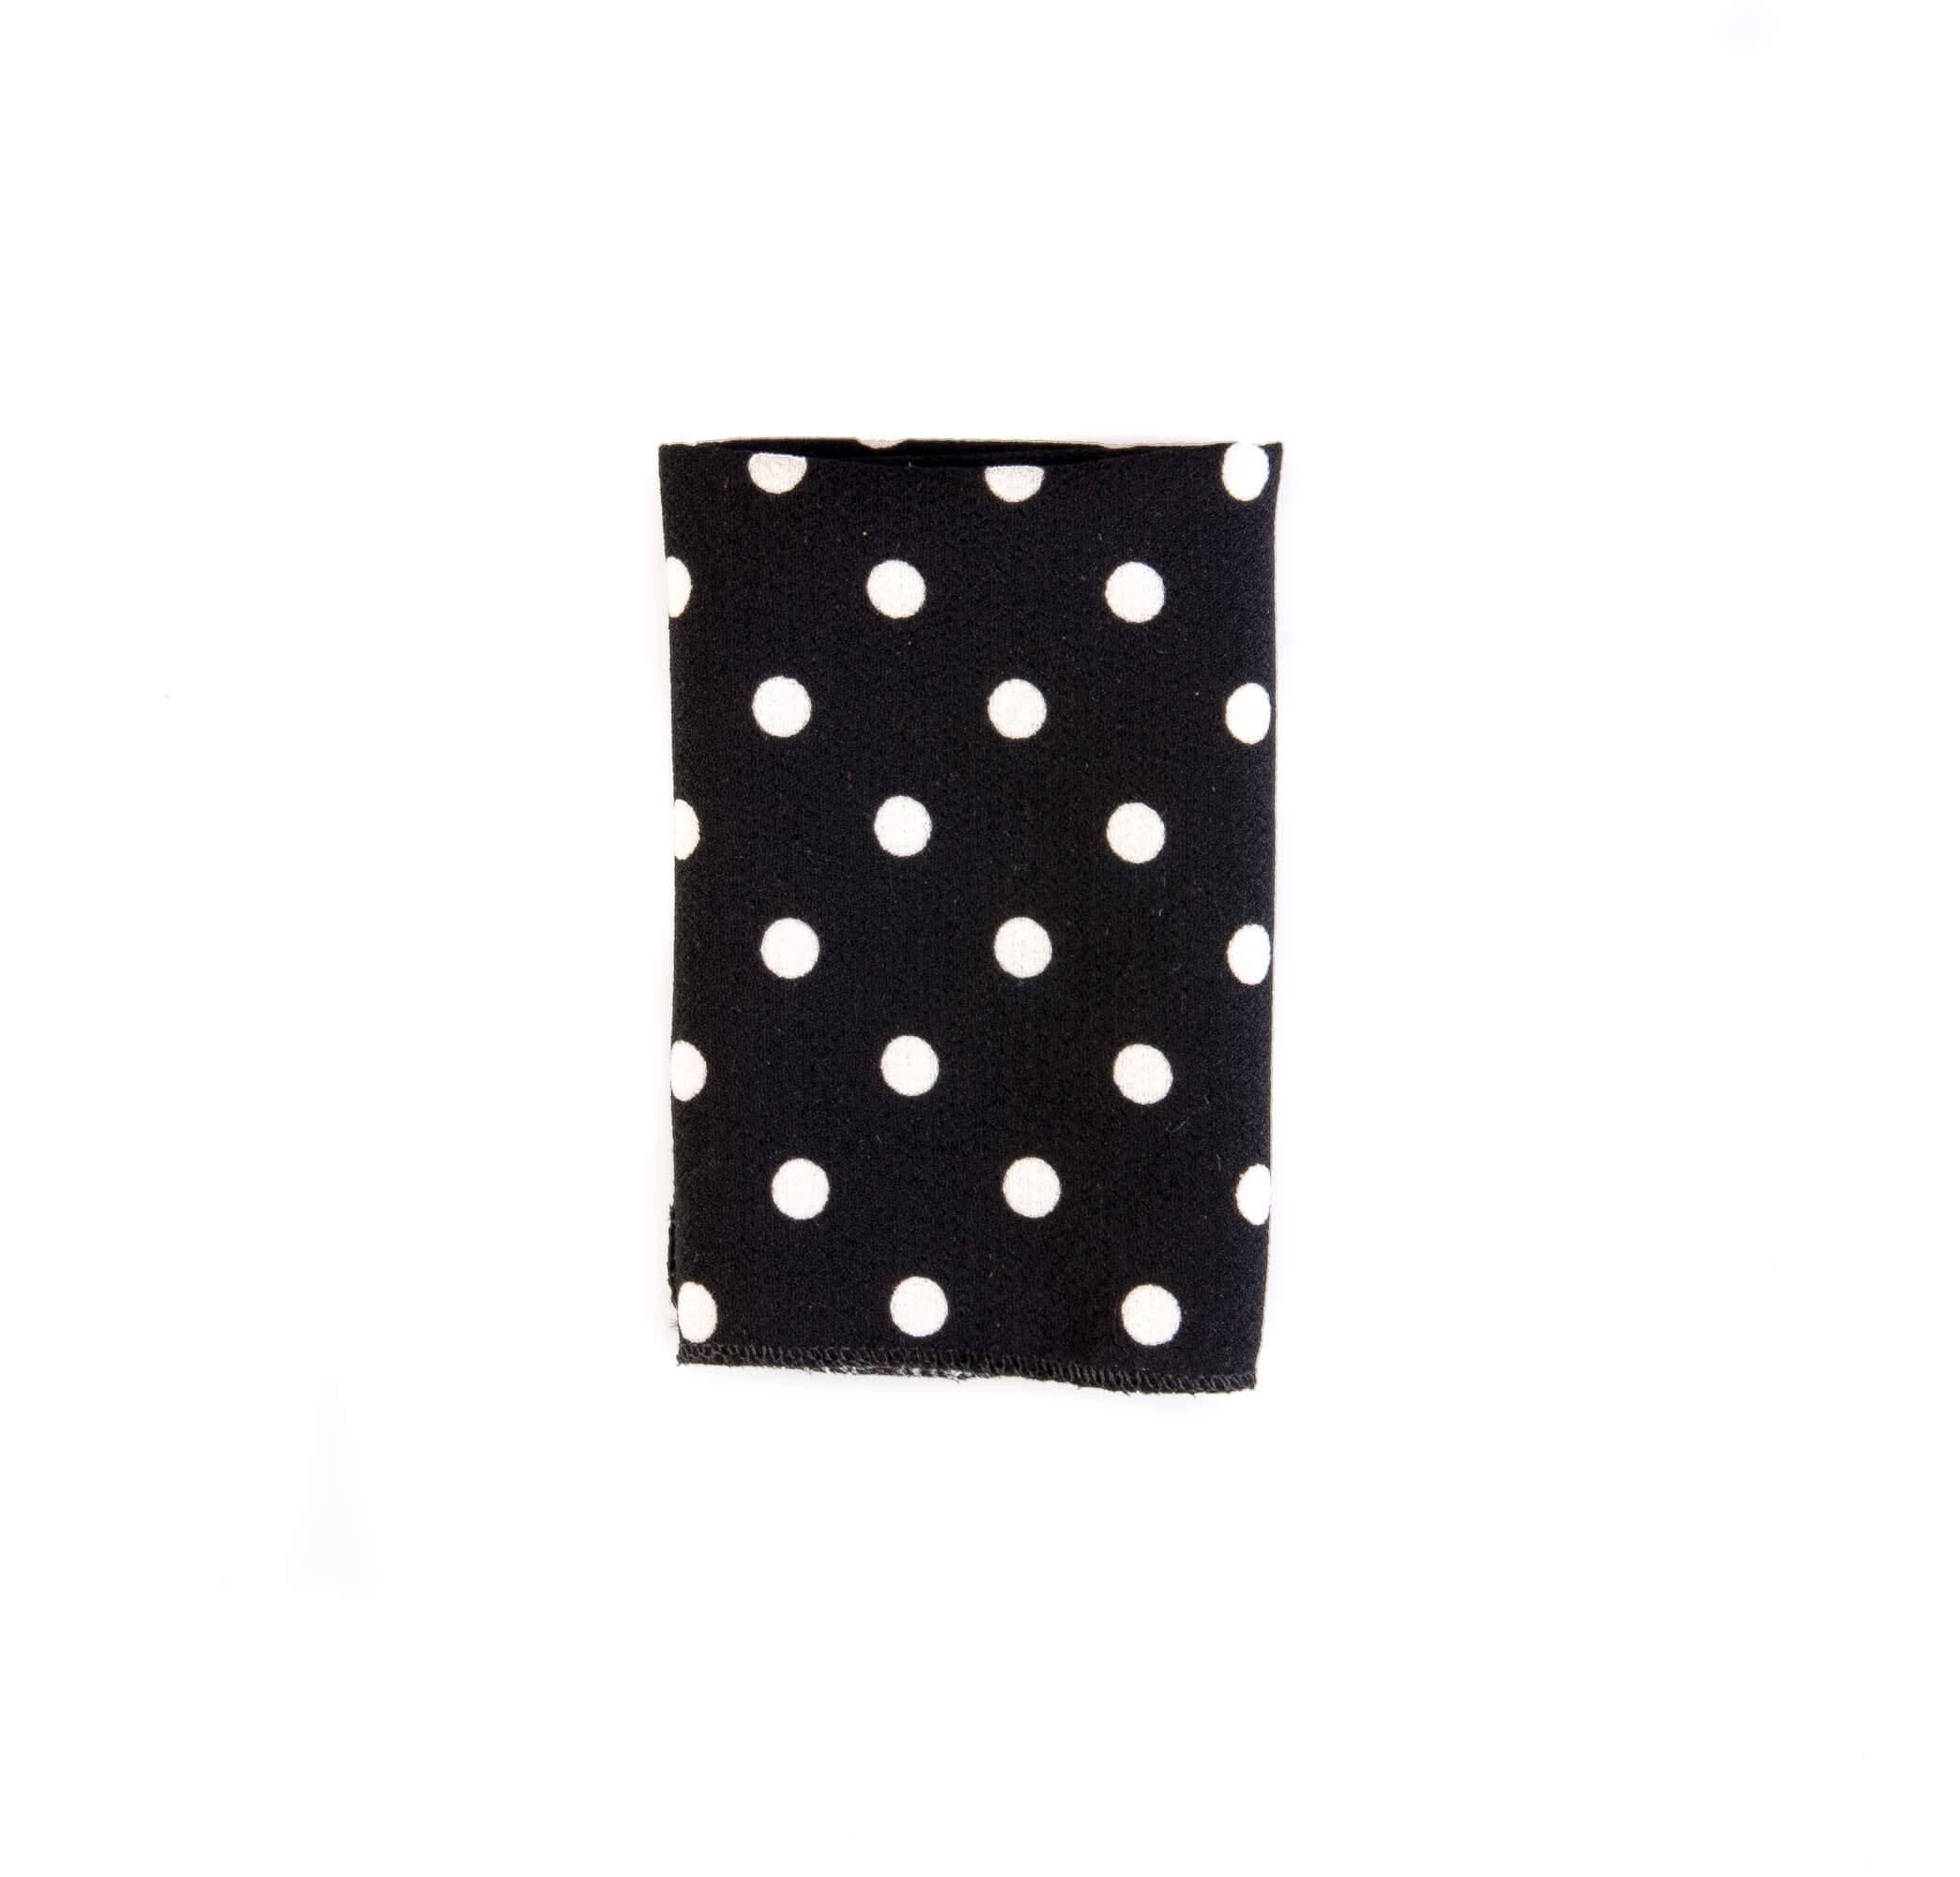 دستمال جیب طرح خالدار بافت دار رنگ مشکی-سفید کد PS1057